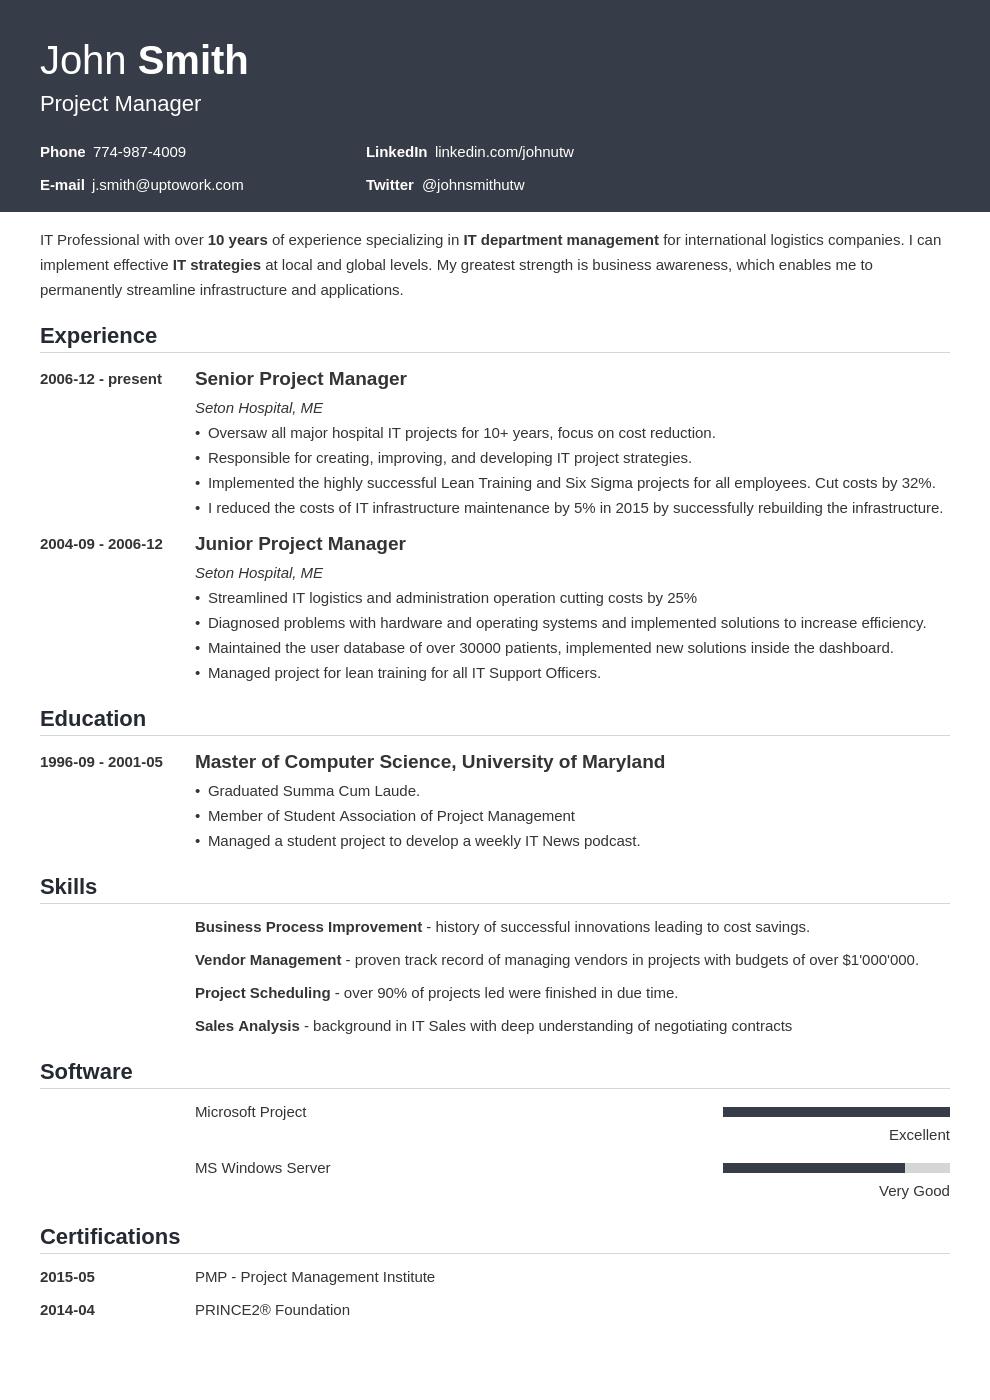 Modèle de CV professionnel Influx